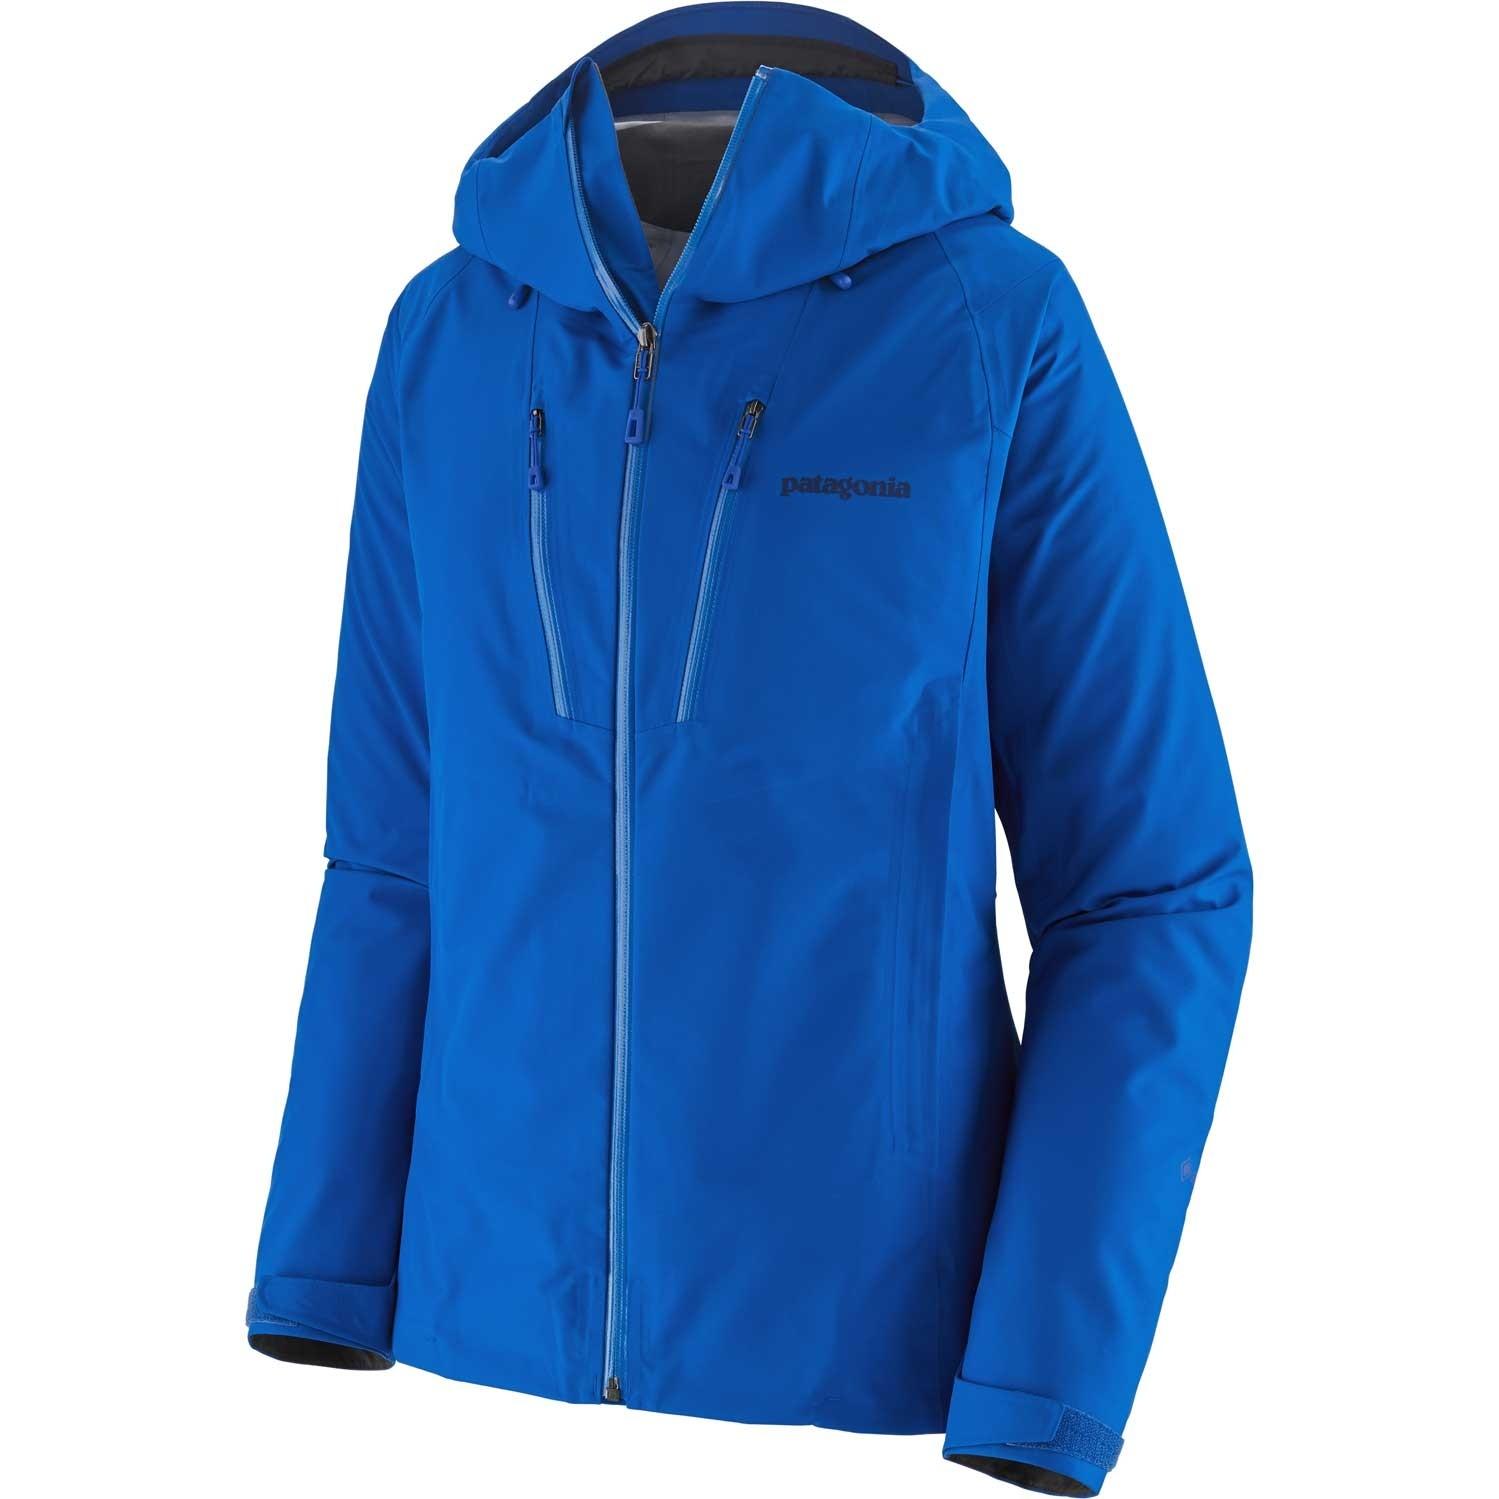 Patagonia Triolet Waterproof Jacket - Women's - Alpine Blue